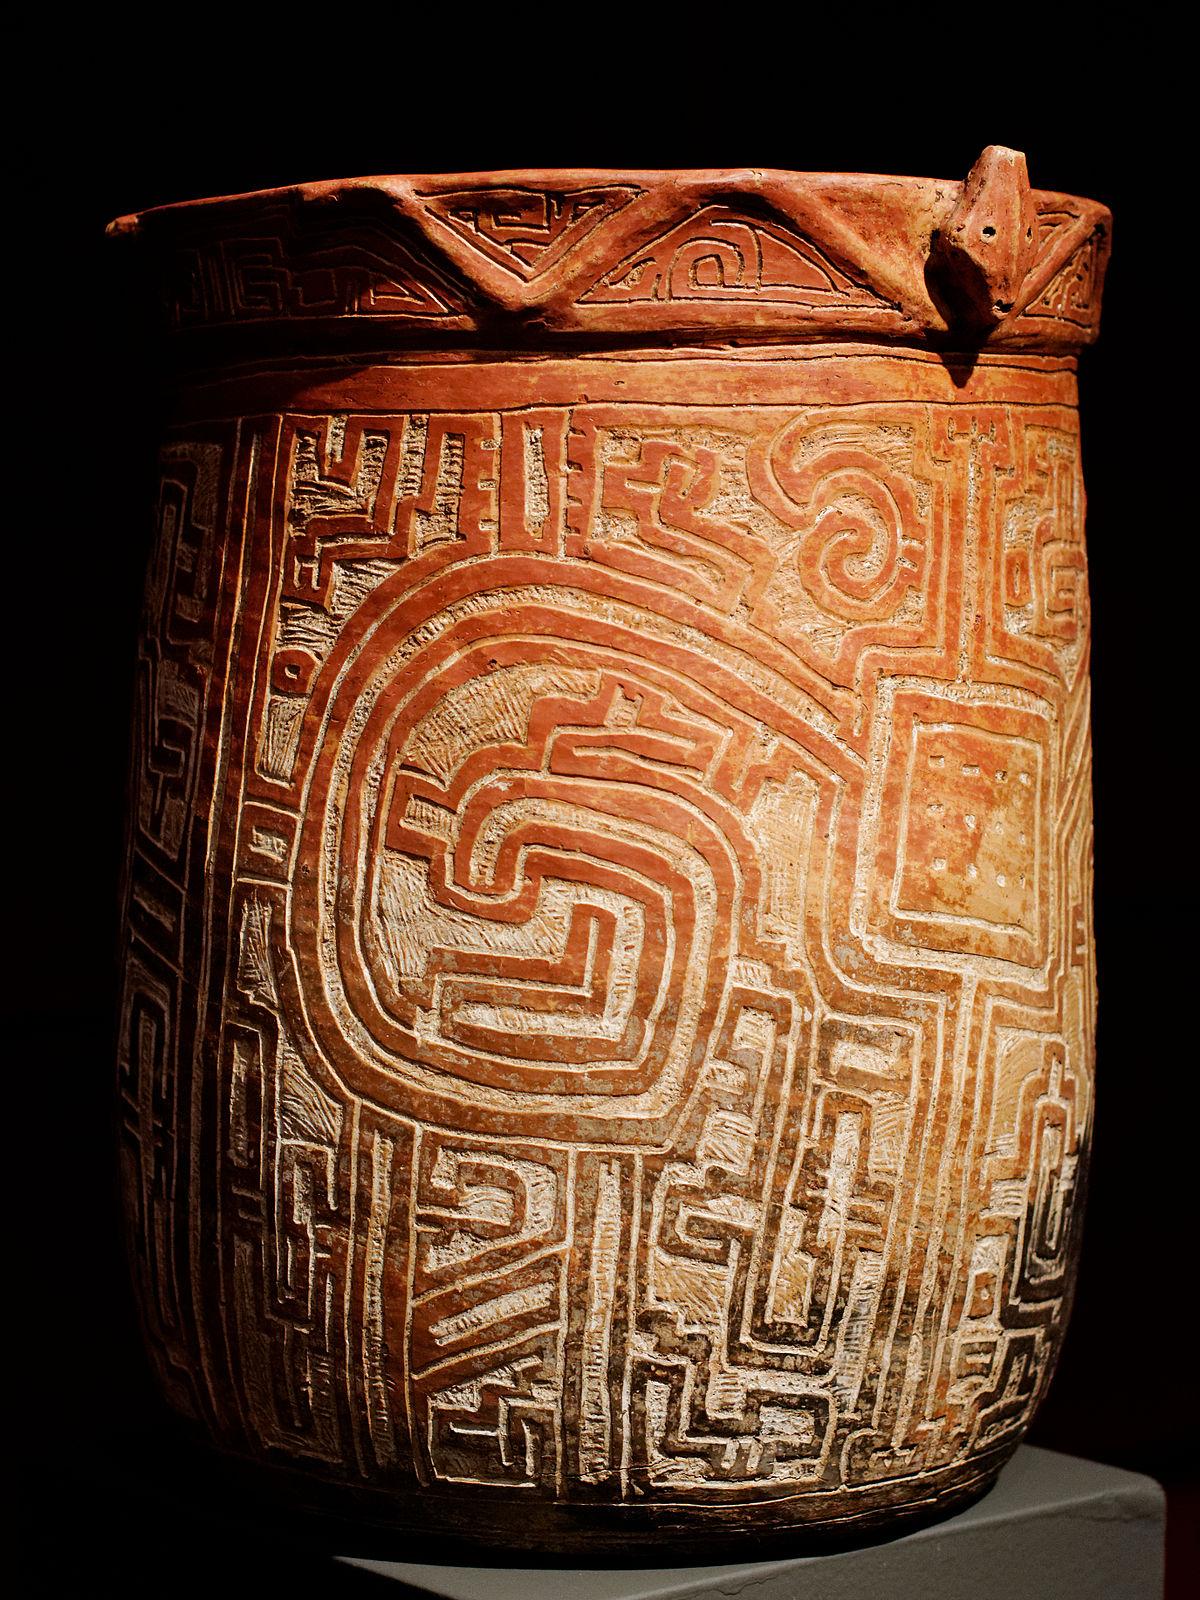 Fabuloso Arte marajoara – Wikipédia, a enciclopédia livre ZD96